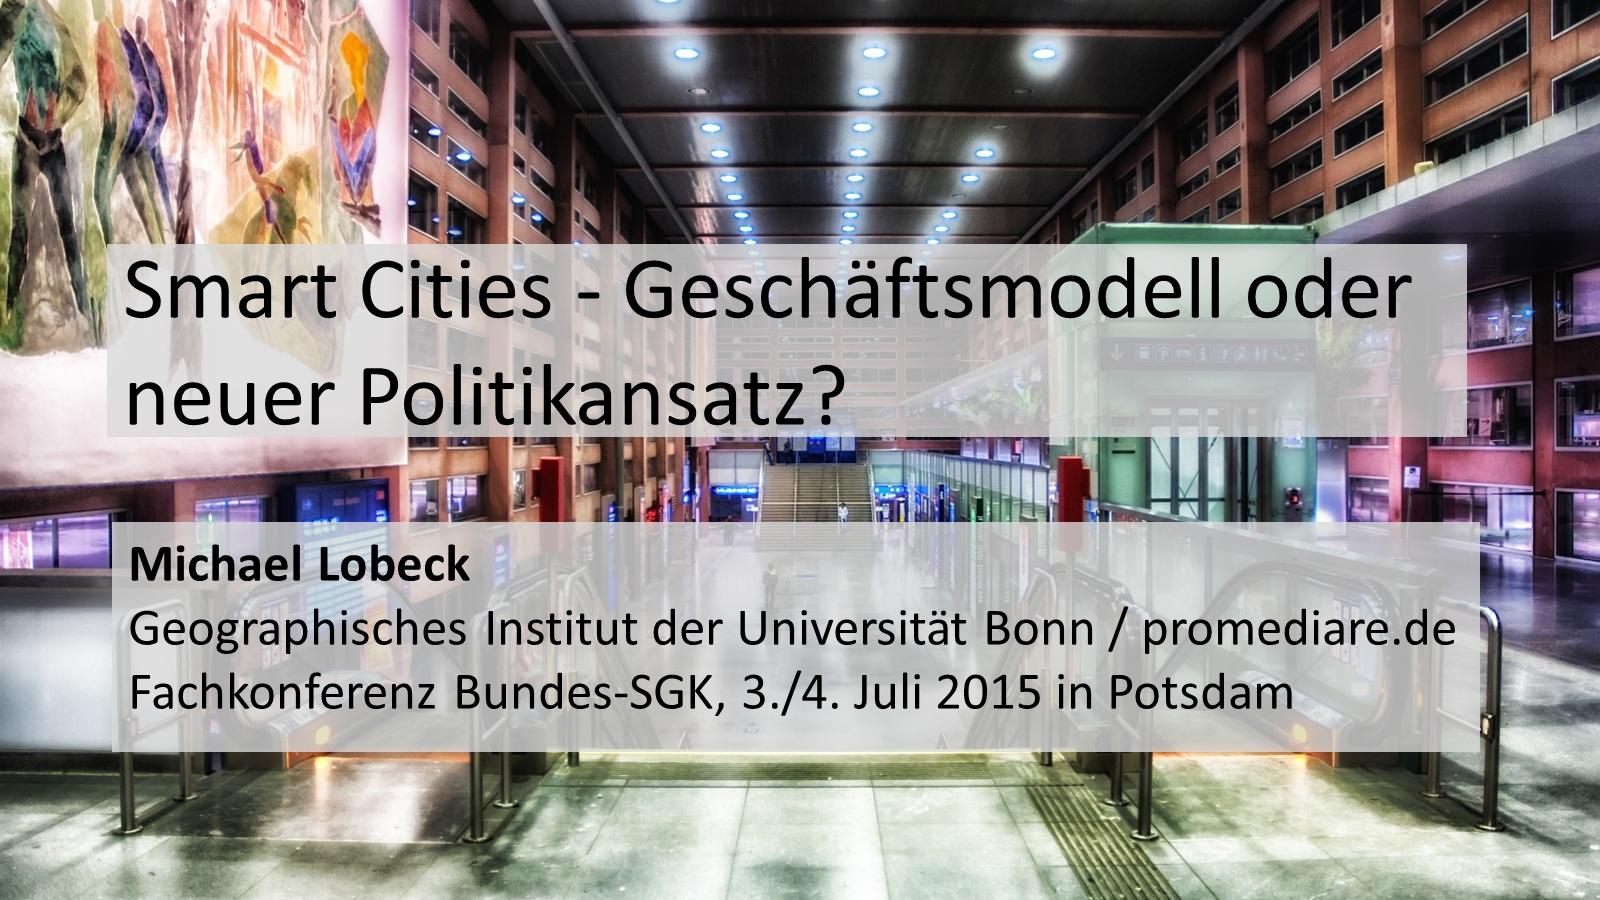 """Titelbild der Folien zum Vortrag """"Smart Cities - Geschäftsmodell oder neuer Politikansatz?"""" von Michael Lobeck anlässlich der Fachkonferenz des Bundes-SGK am 3./4.Juli 2015 in Potsdam"""